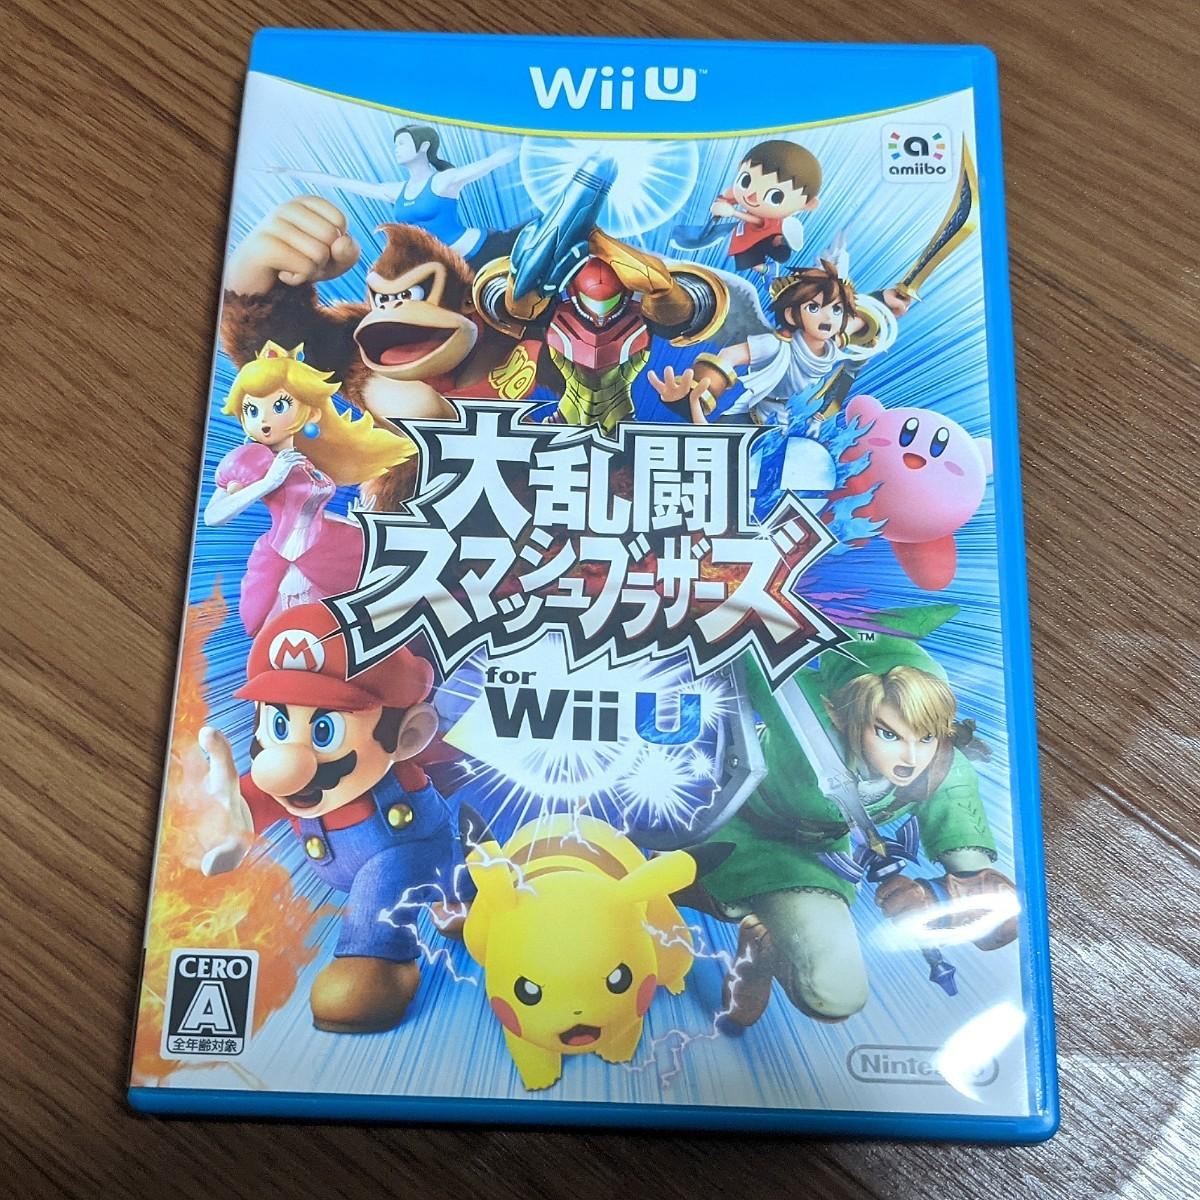 ソフトと攻略本セット! 大乱闘スマッシュブラザーズfor Wii U + ファイナルパーフェクトガイド